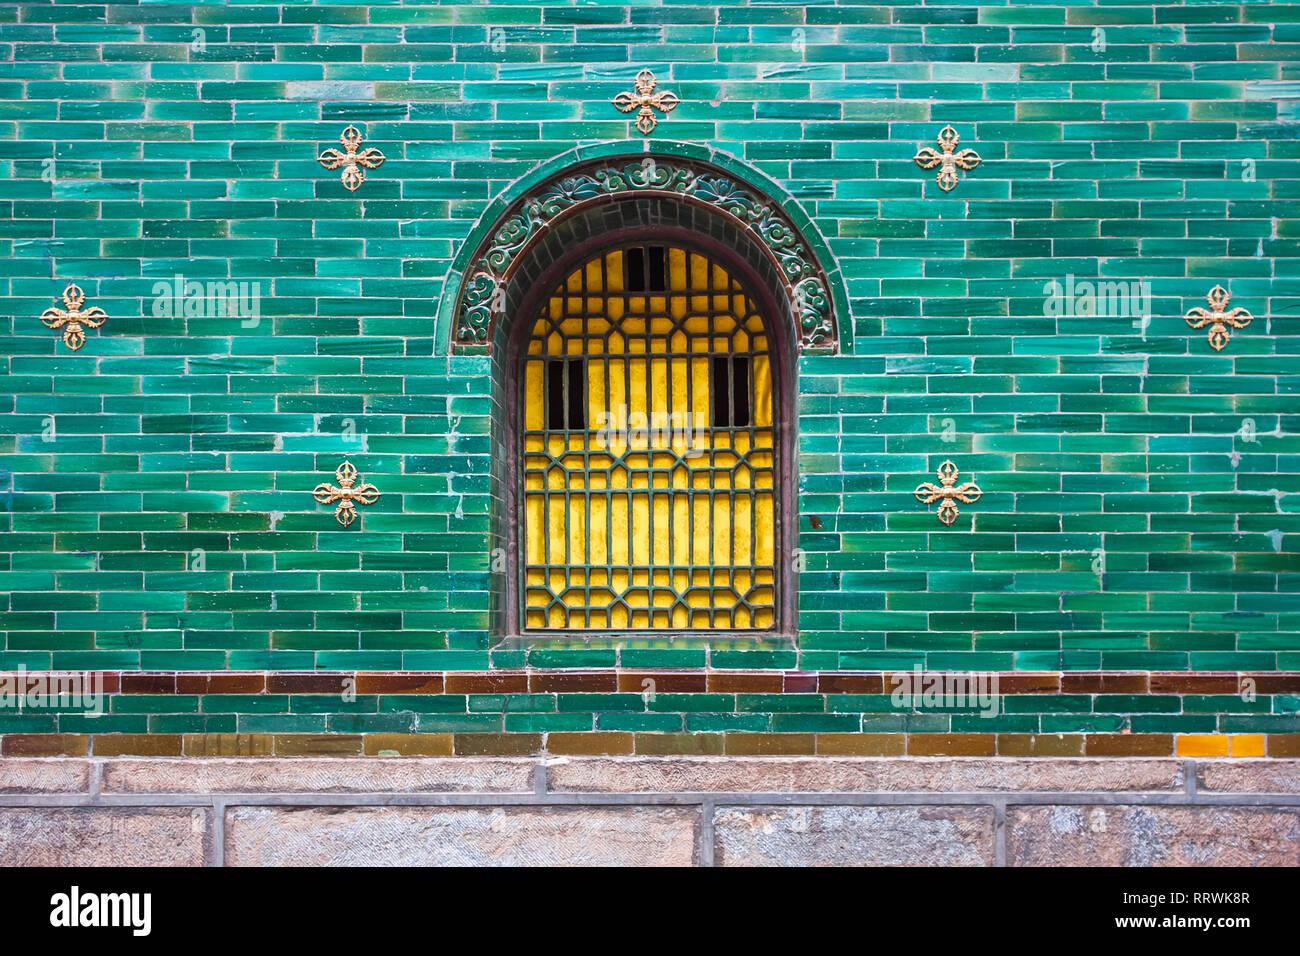 Piastrelle con telaio : Giallo cinese tradizionale finestra con telaio in metallo e verde